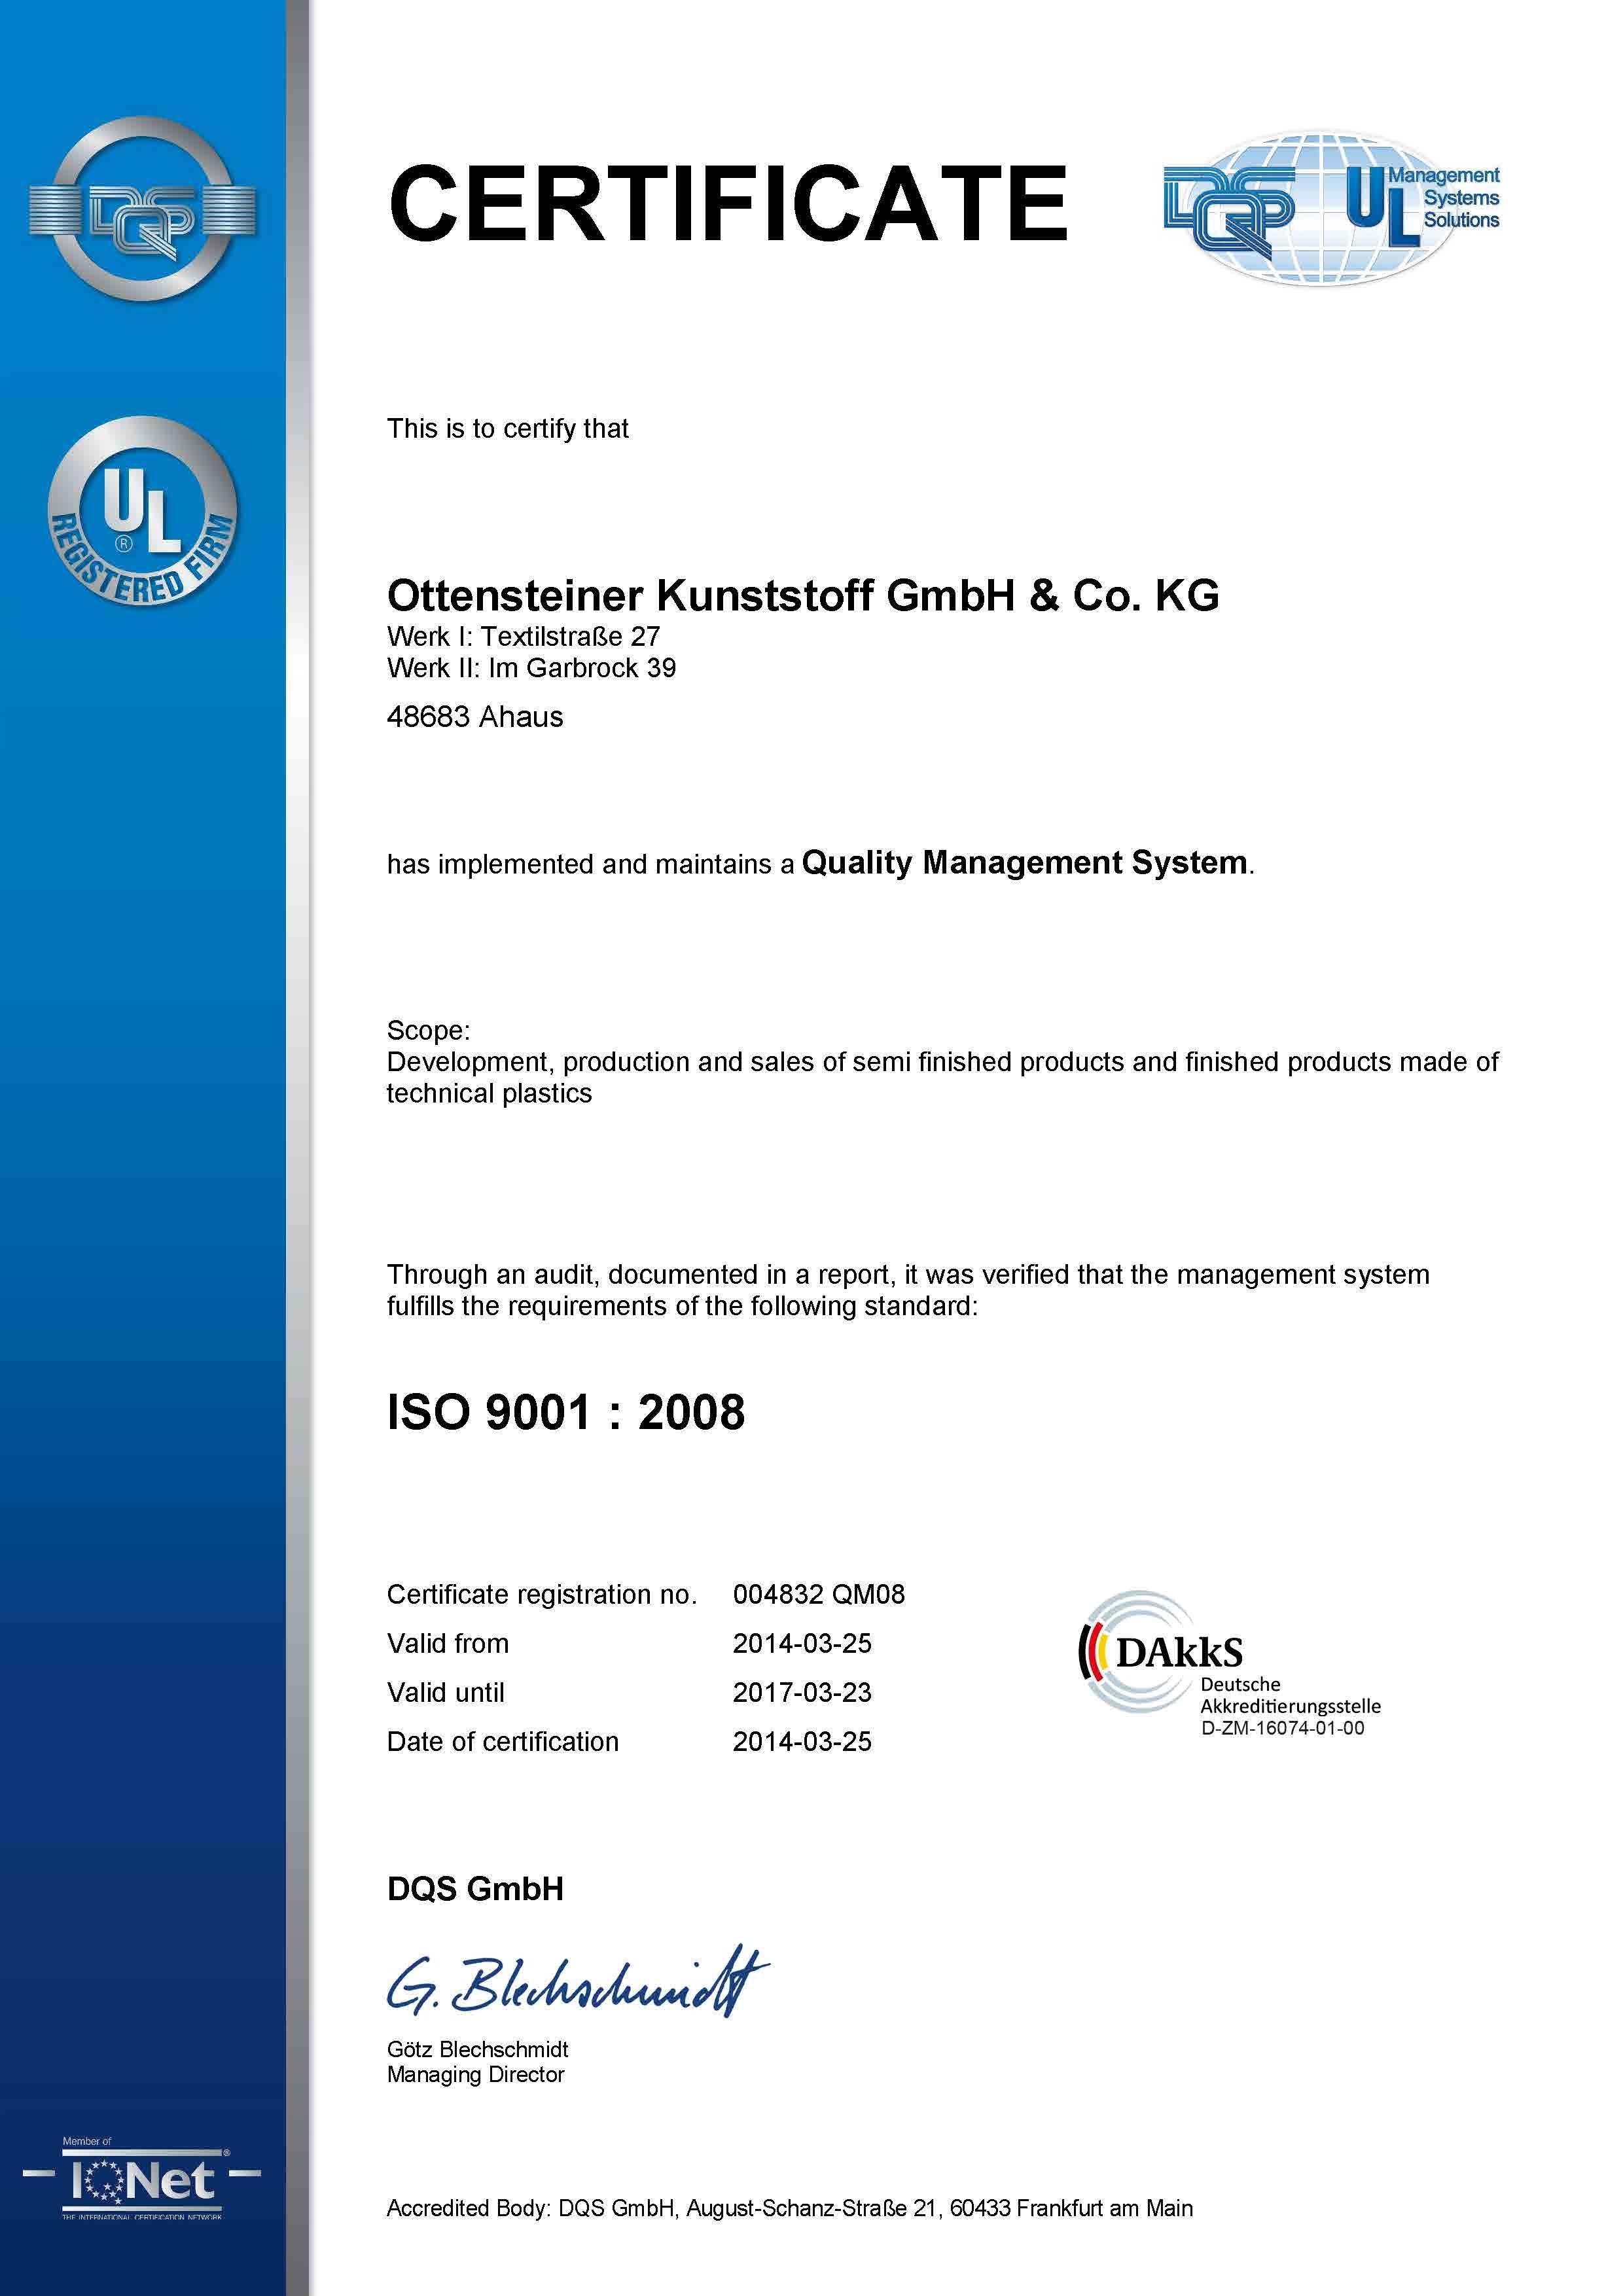 004832 - Ottensteiner Kunststoff GmbH & Co. KG - certificate - Englisch - 2014-03-25 - QM08